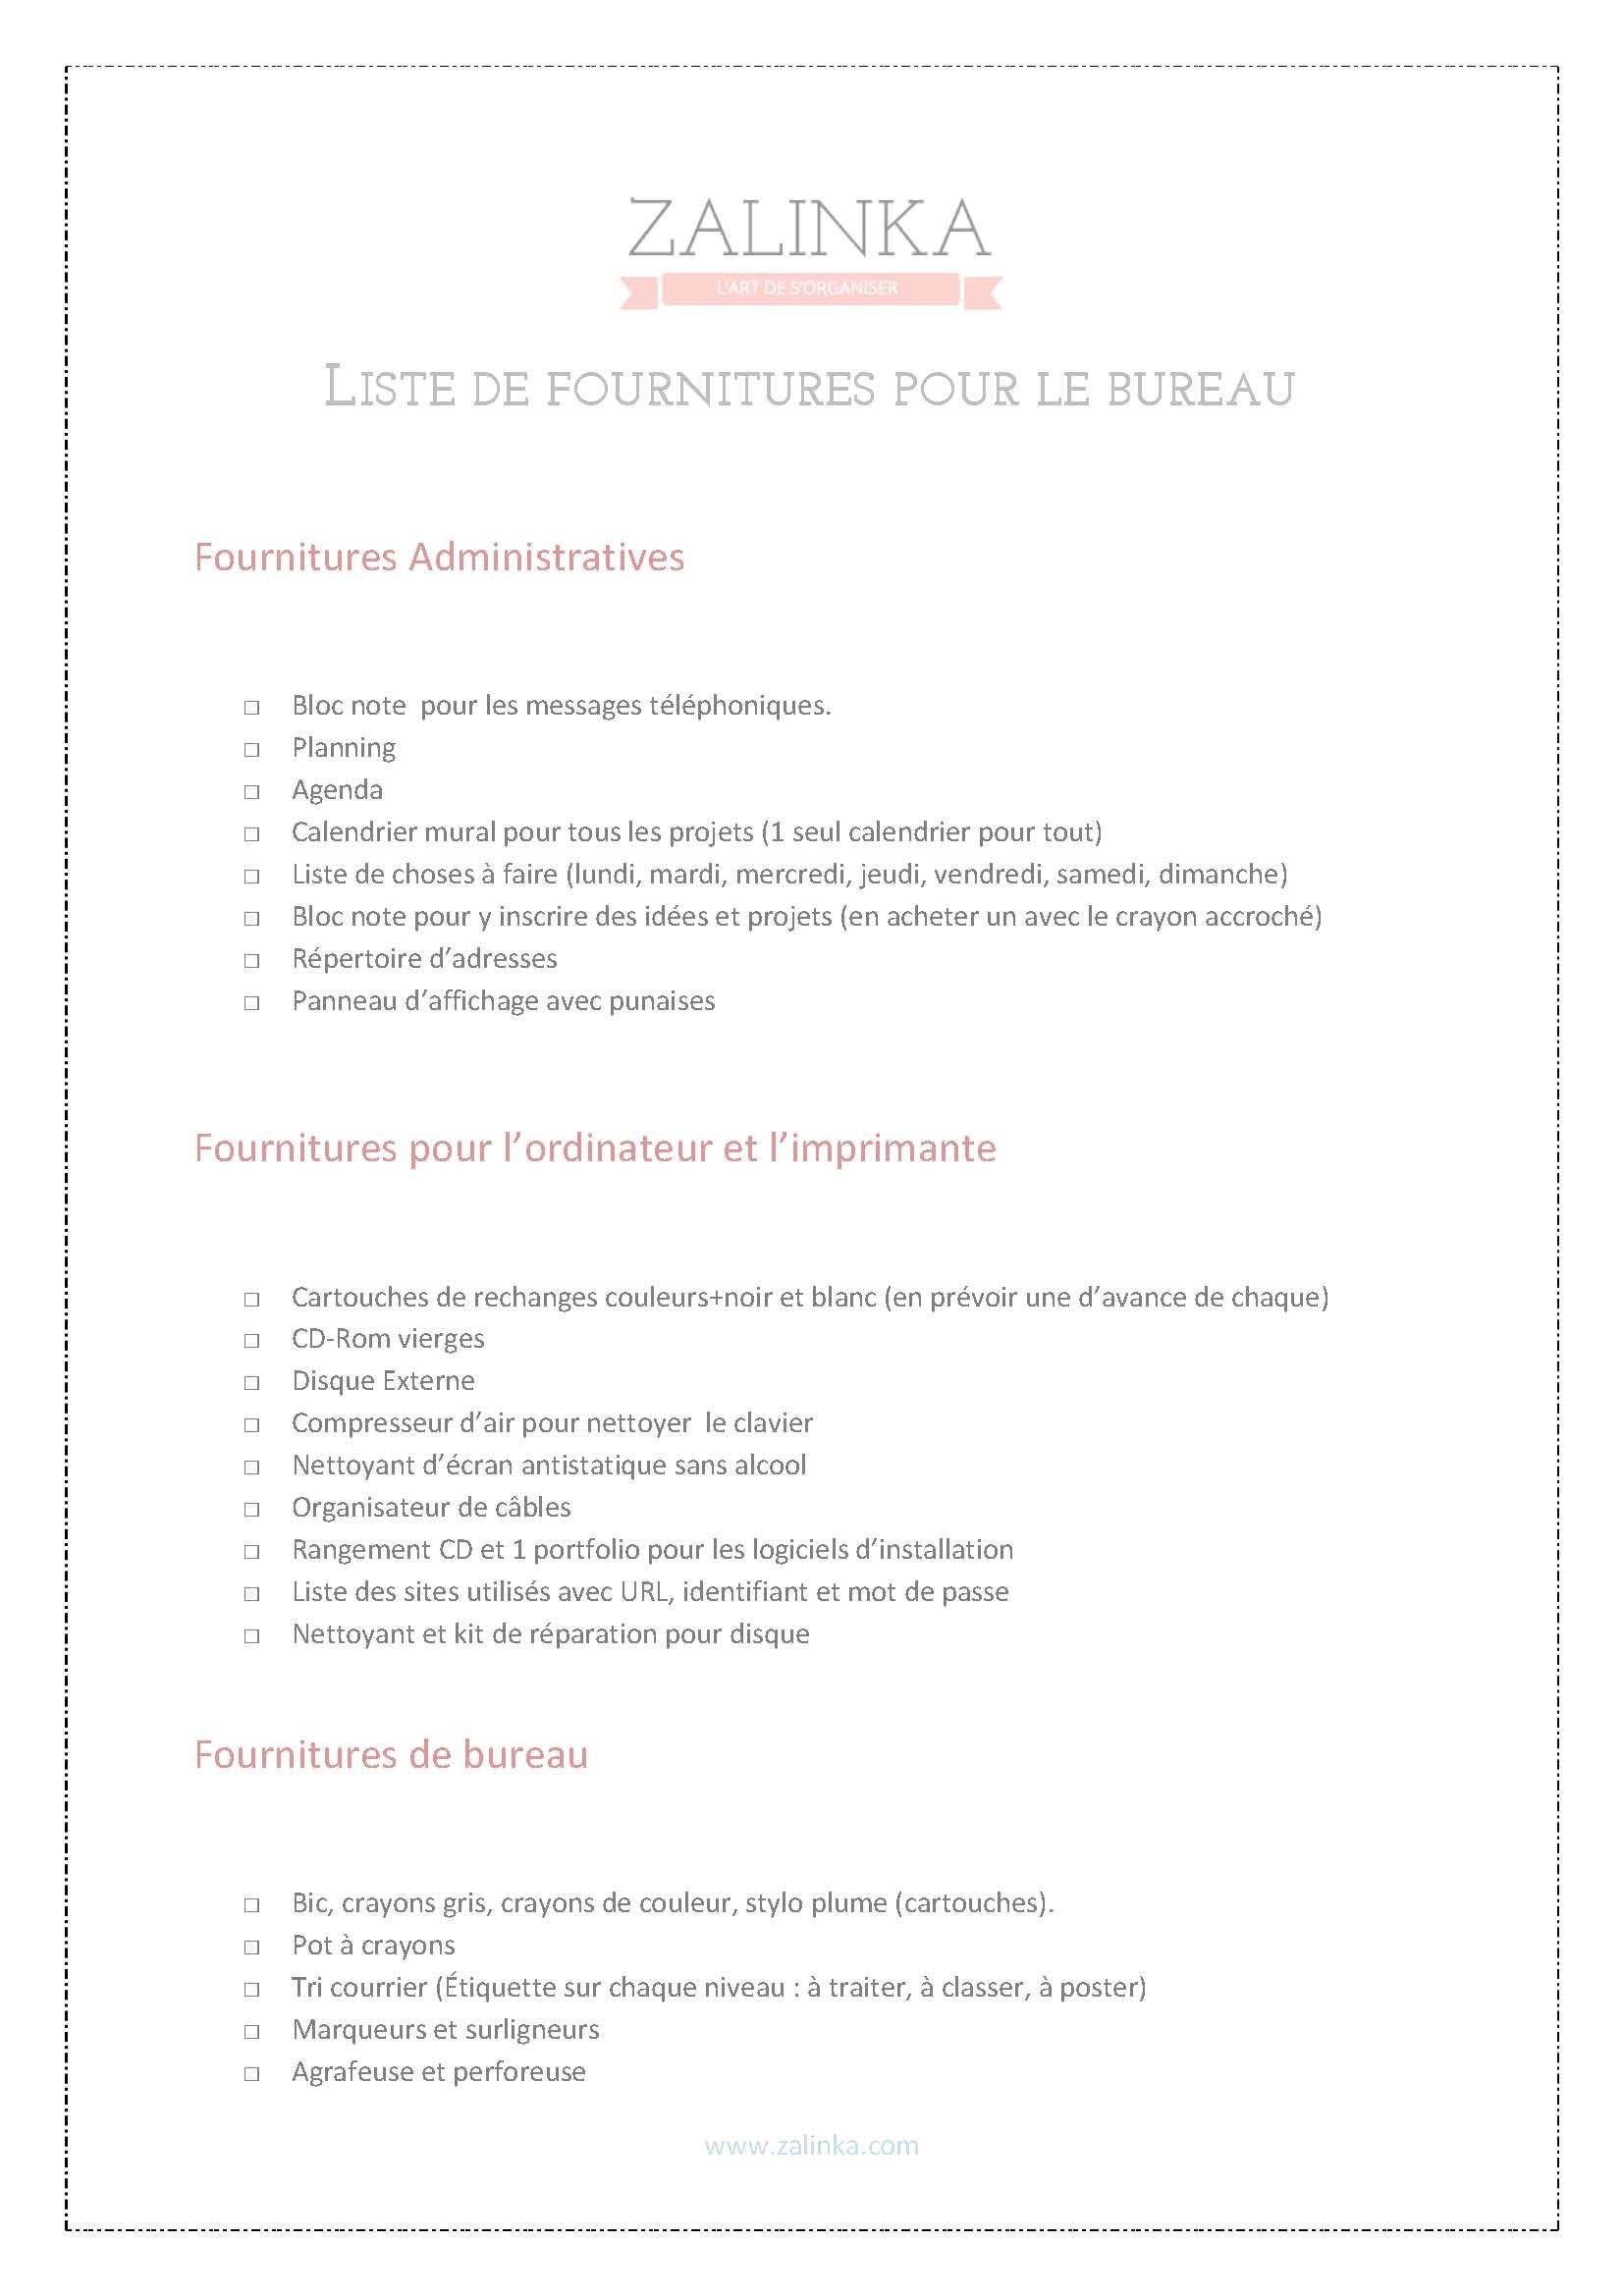 Liste Fourniture De Bureau